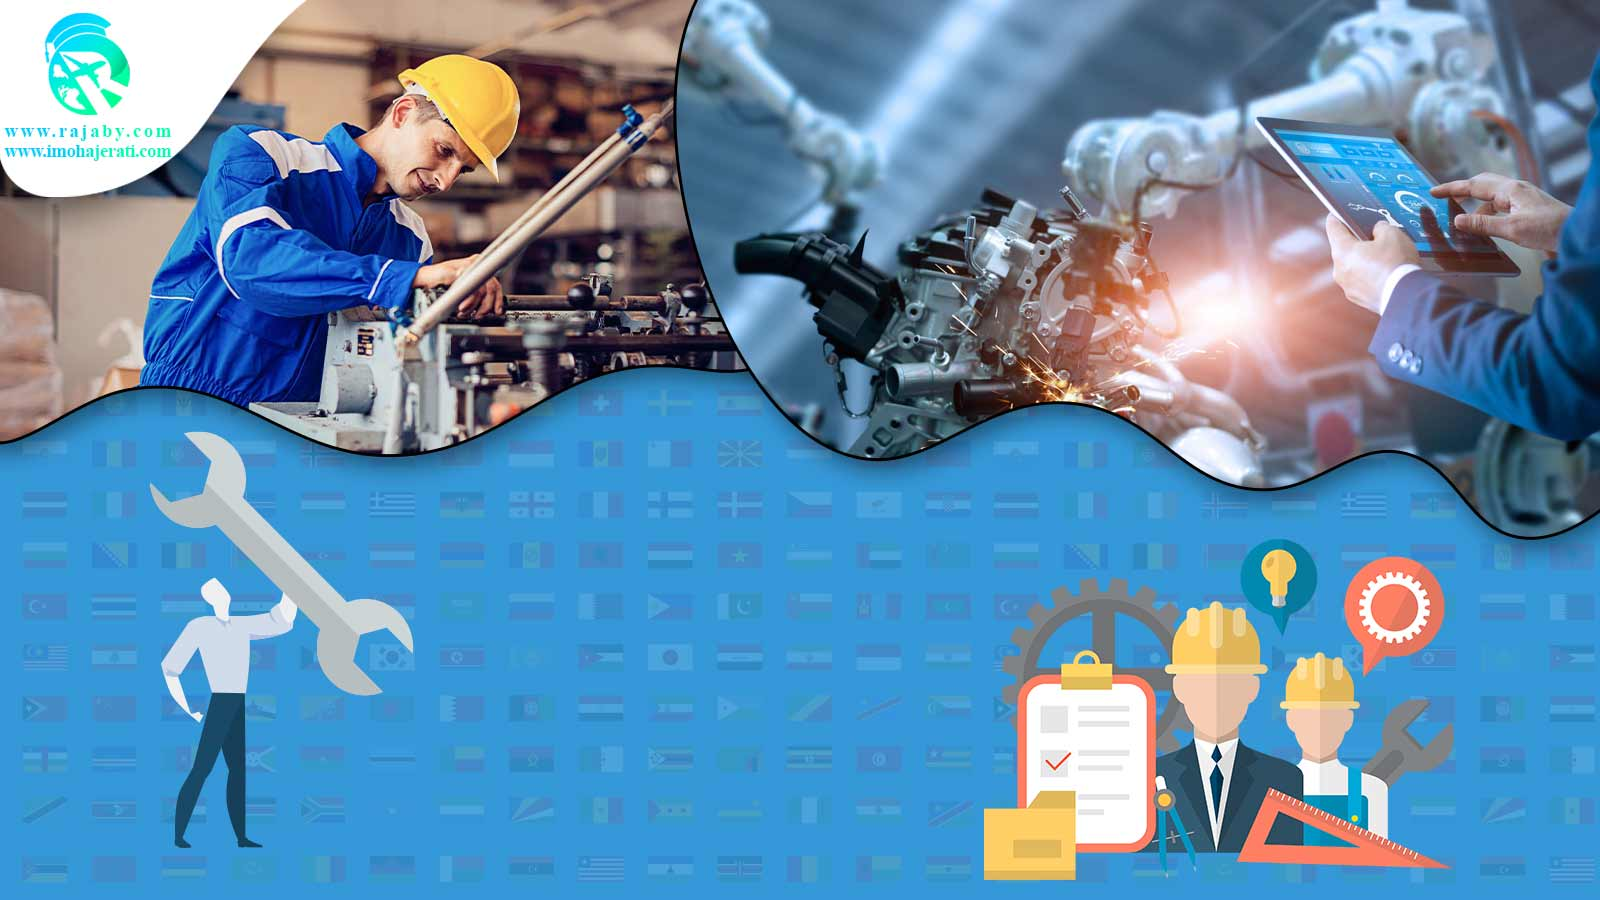 کشورهایی با بازار کار مناسب مهندسی